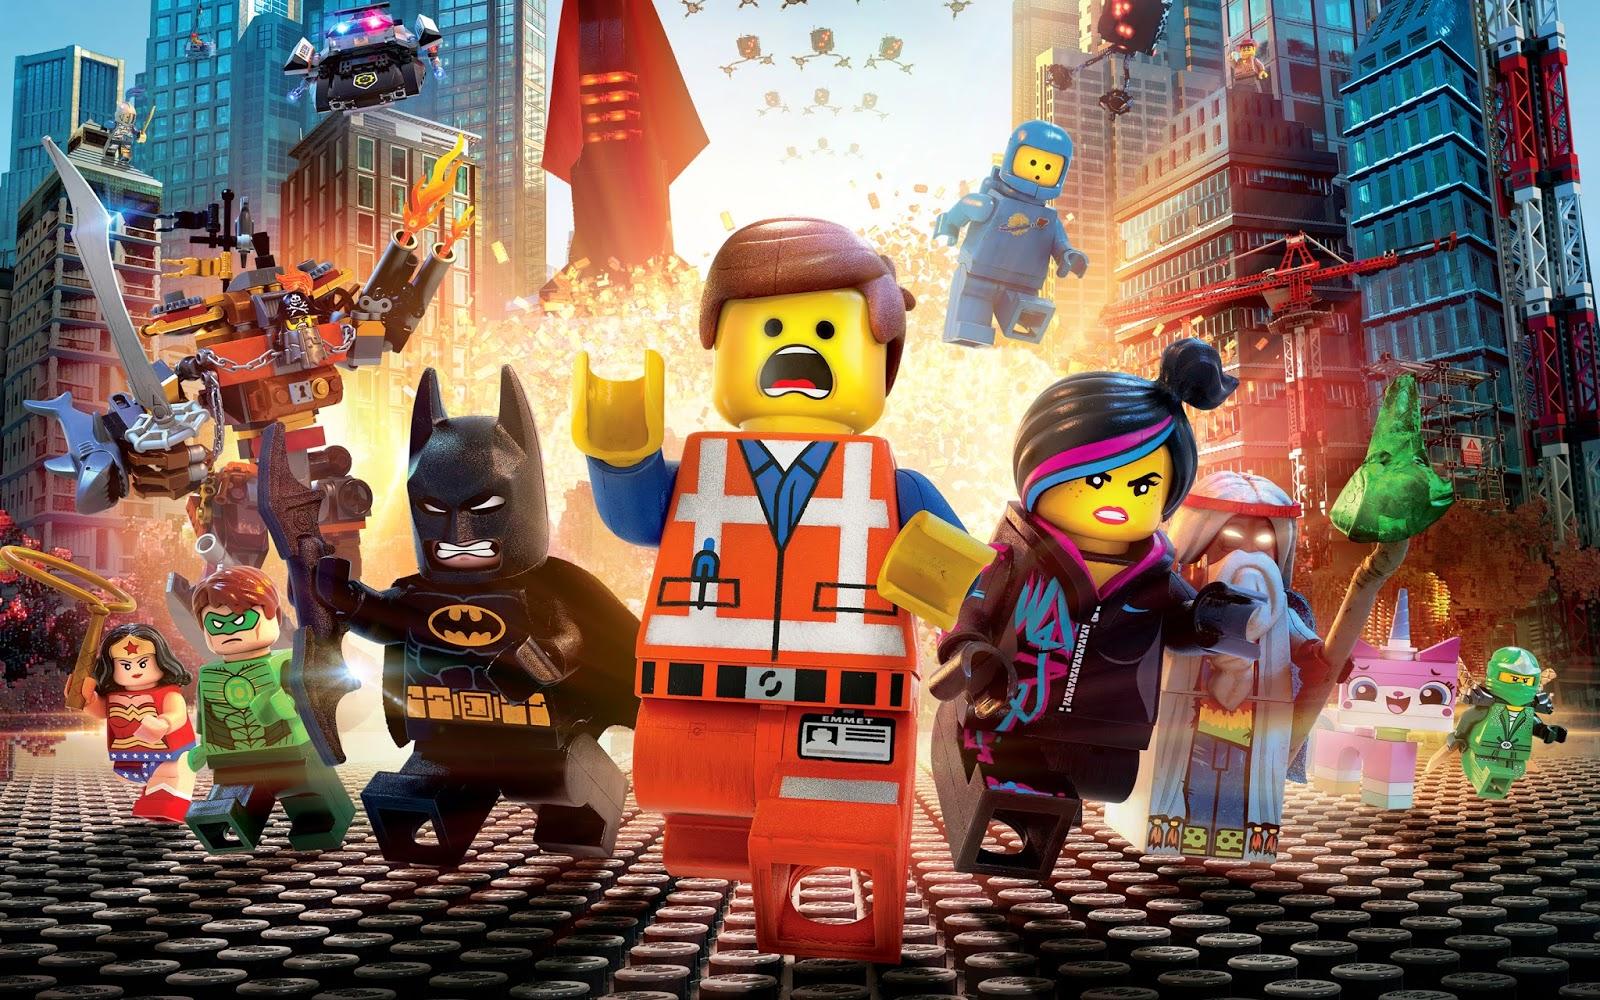 5 Film Terbaik dan Terpopuler 2014